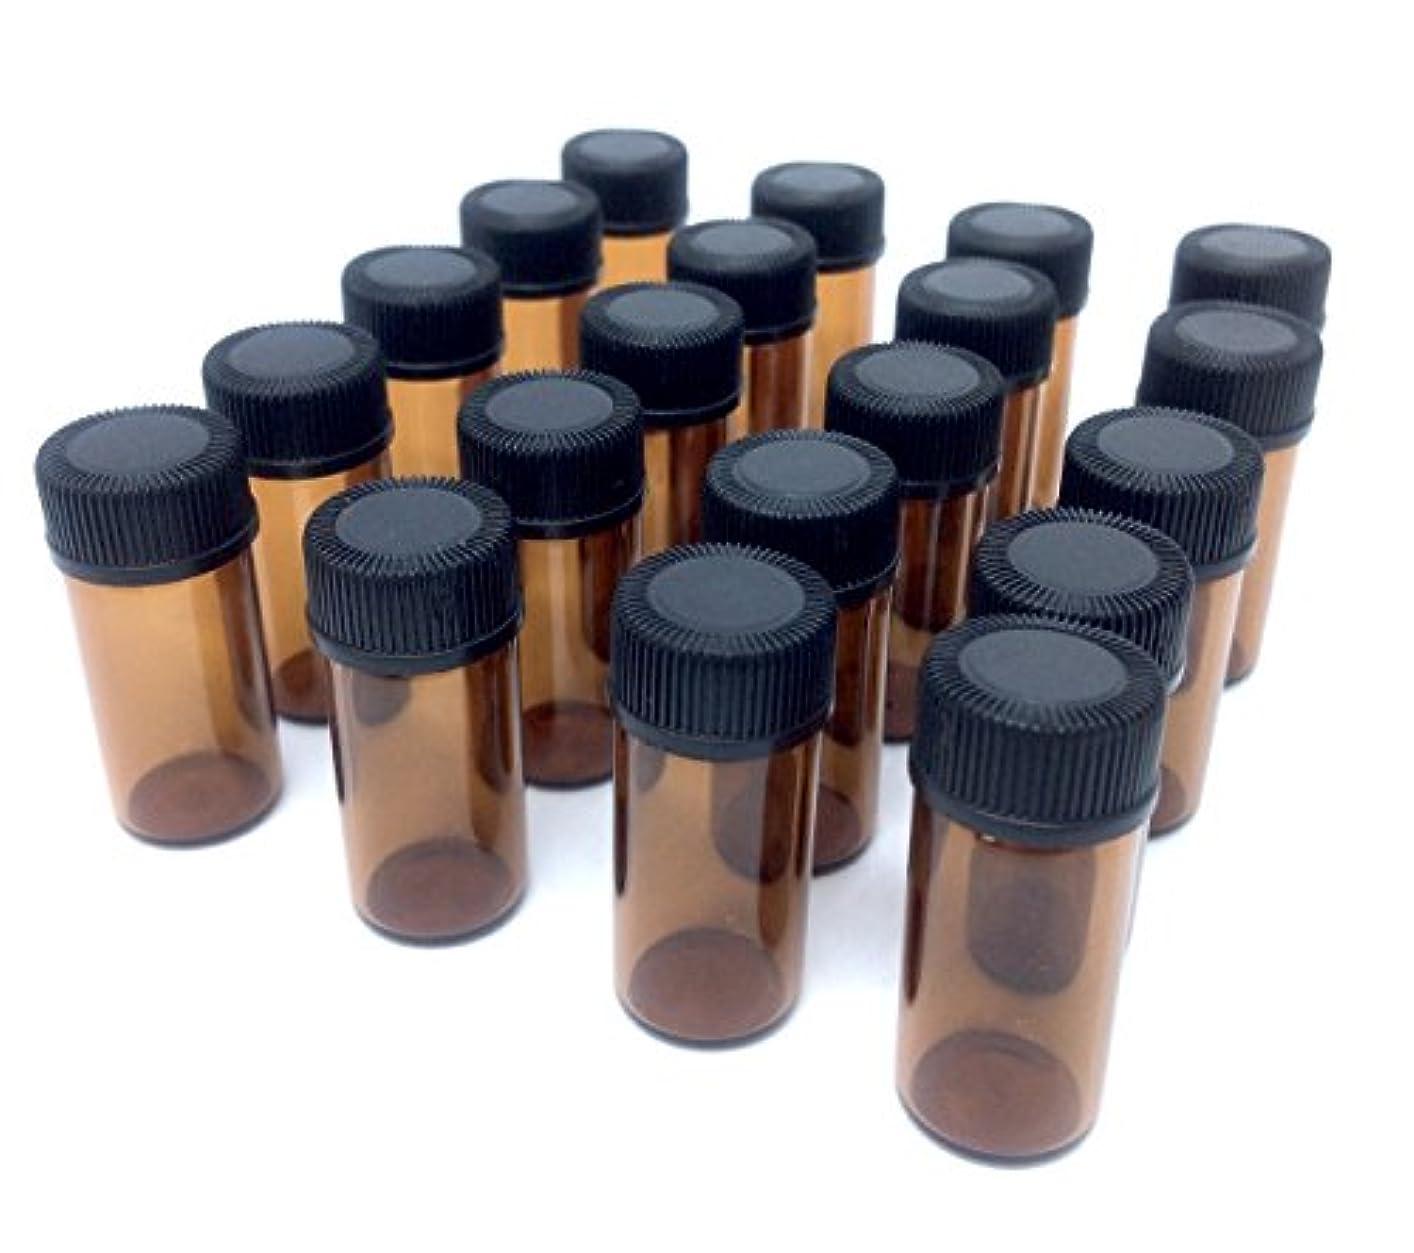 アロマオイル 遮光瓶 精油 小分け用 ガラス製 保存容器 20本 セット (3ml)